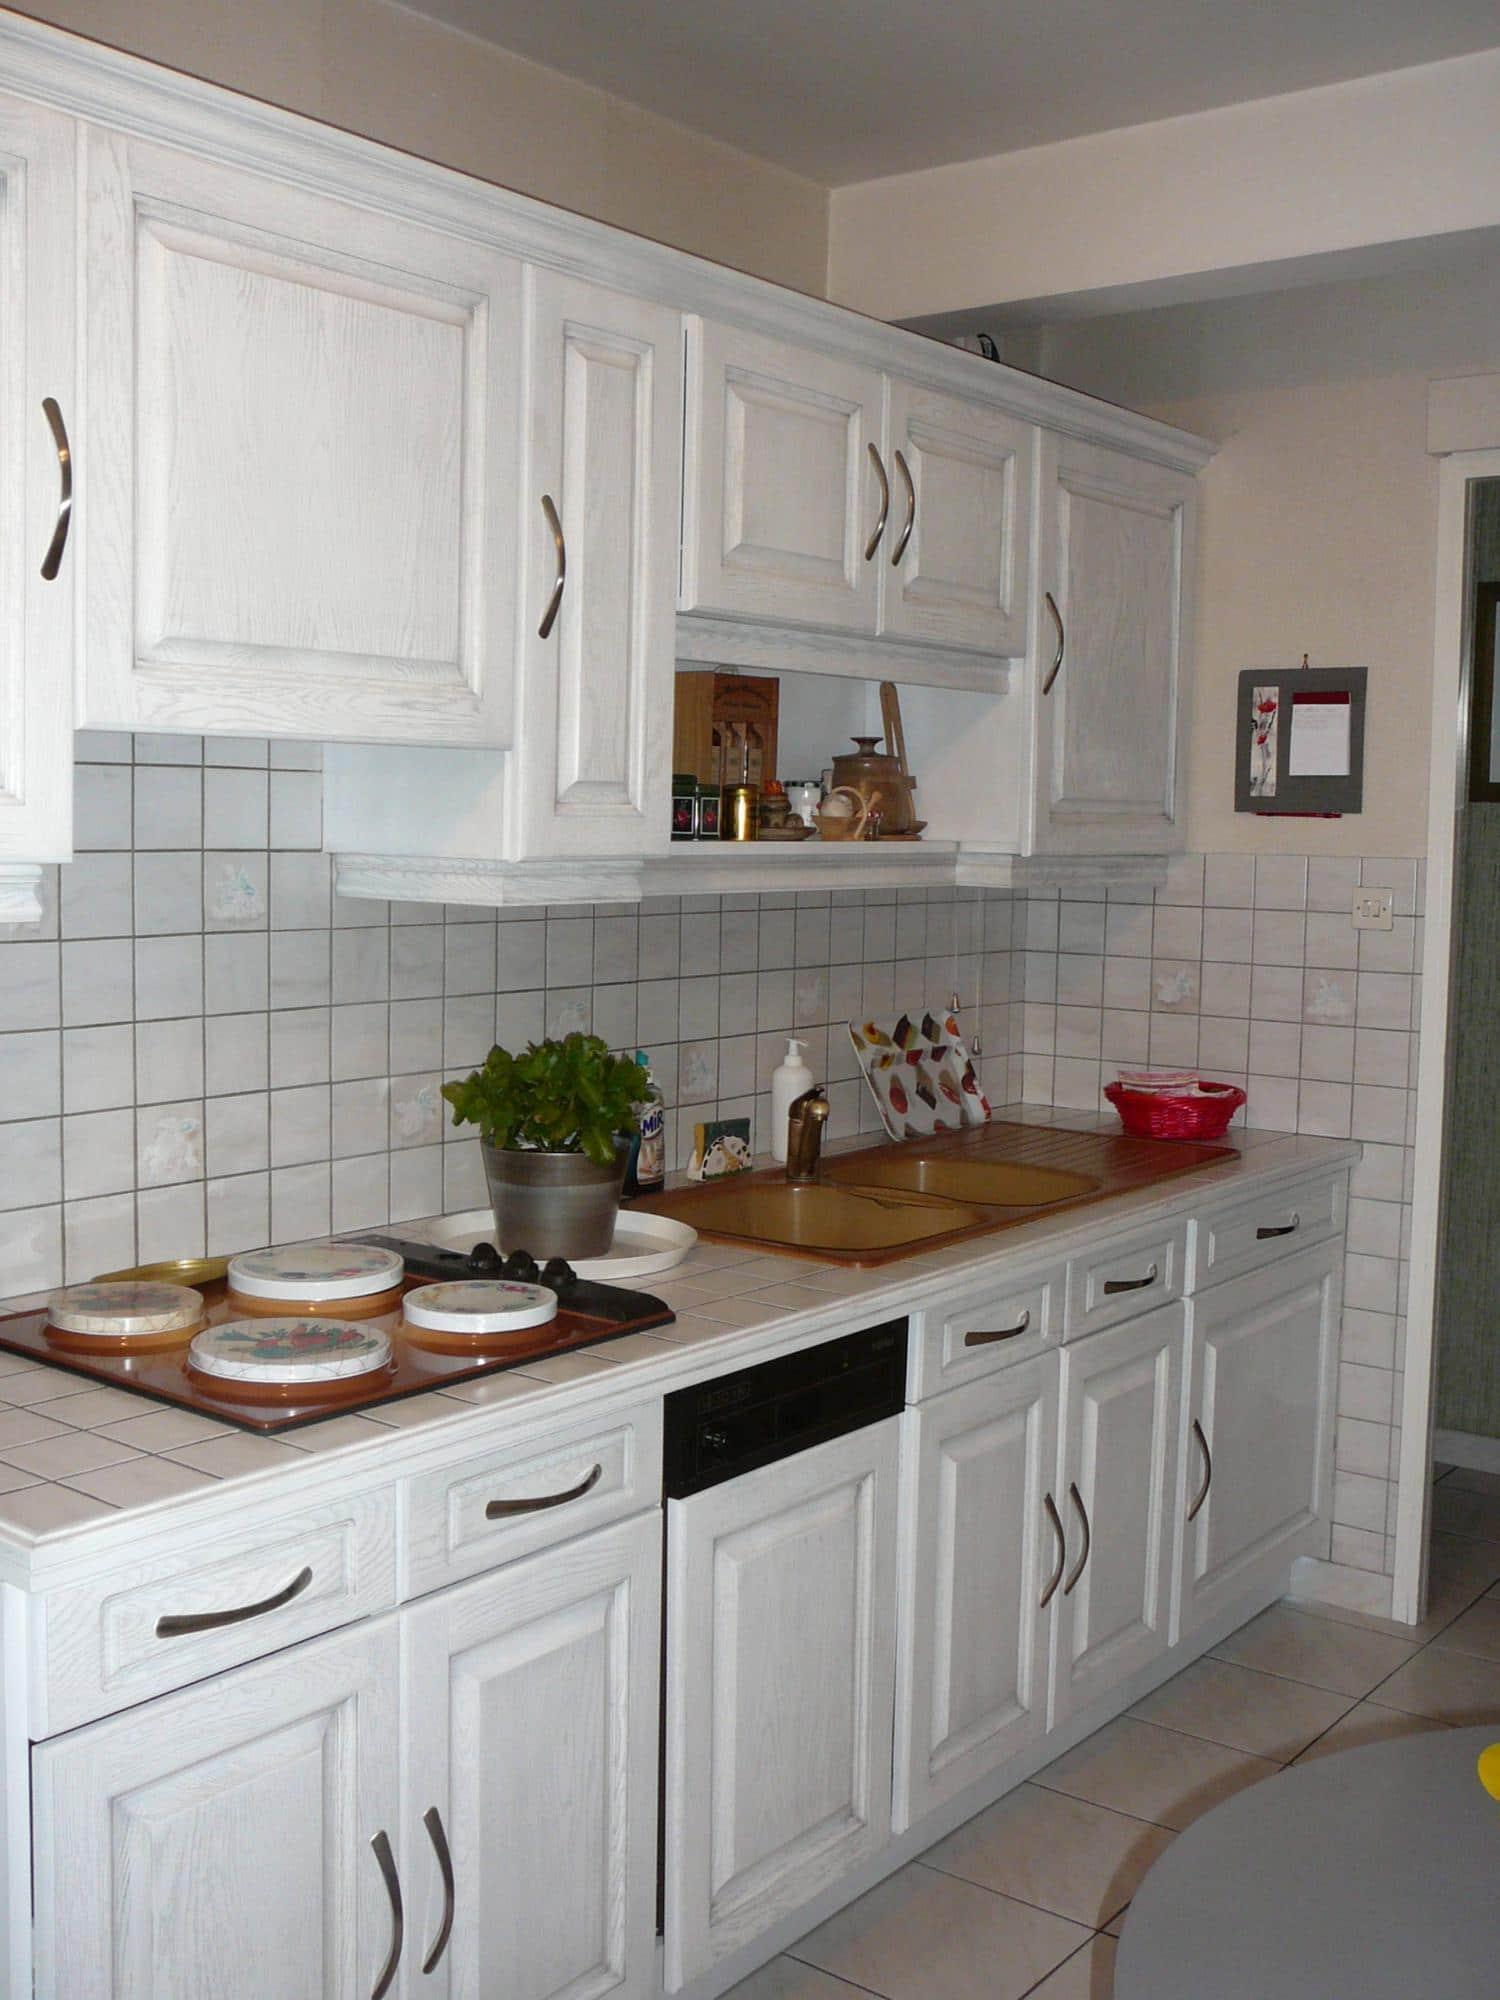 Comment Choisir Sa Peinture De Cuisine comment peindre des meubles de cuisine ?